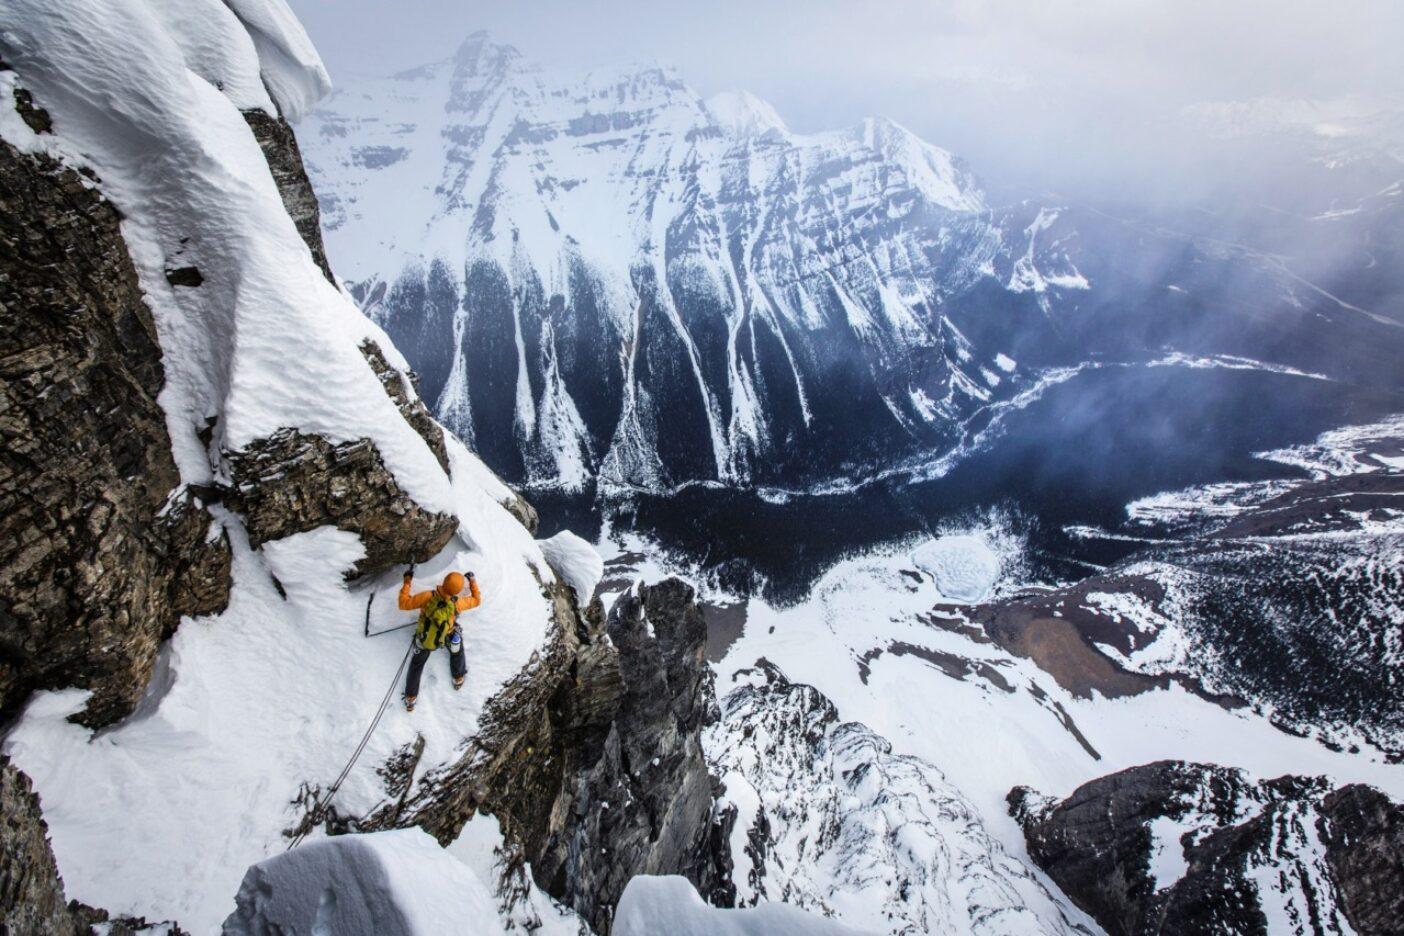 カナディアン・ロッキーのテンプル山ではめずらしい冬季登攀で、グリーンウッド・ロック・ルートの斜面で最終ピッチを終えようとするジョシュ・ワートン。Photo: Mikey Schaefer